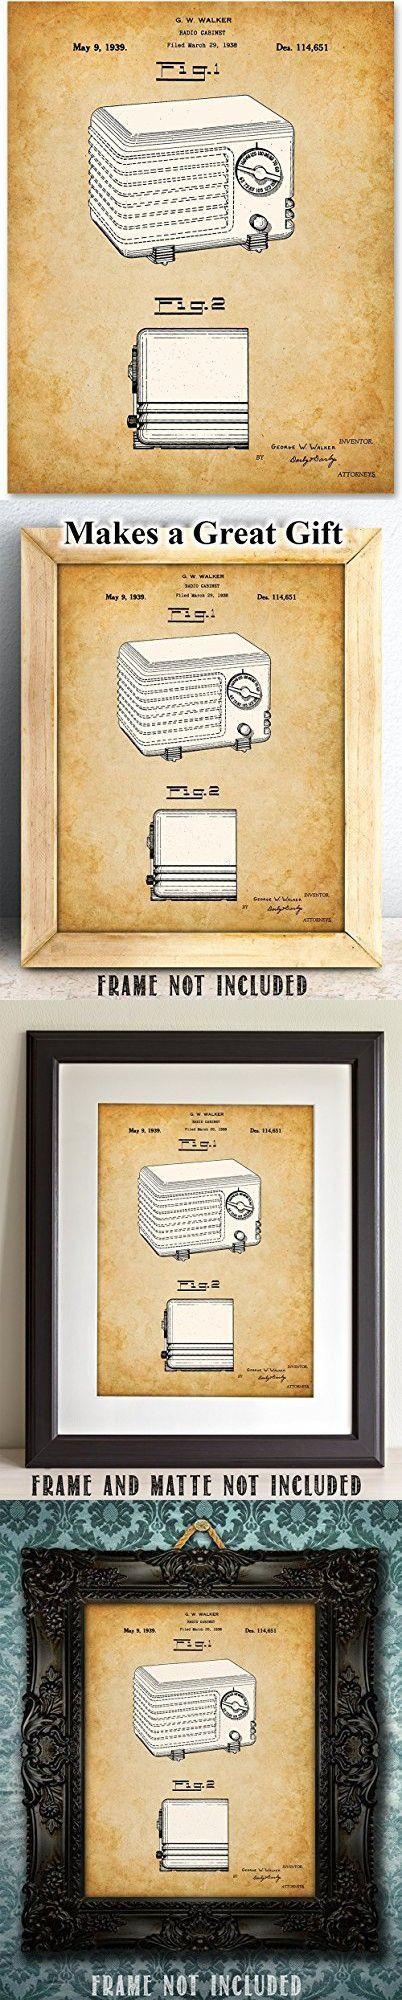 Retro Radio Patent- 11x14 Unframed Patent Print - Great for Retro Home Decor